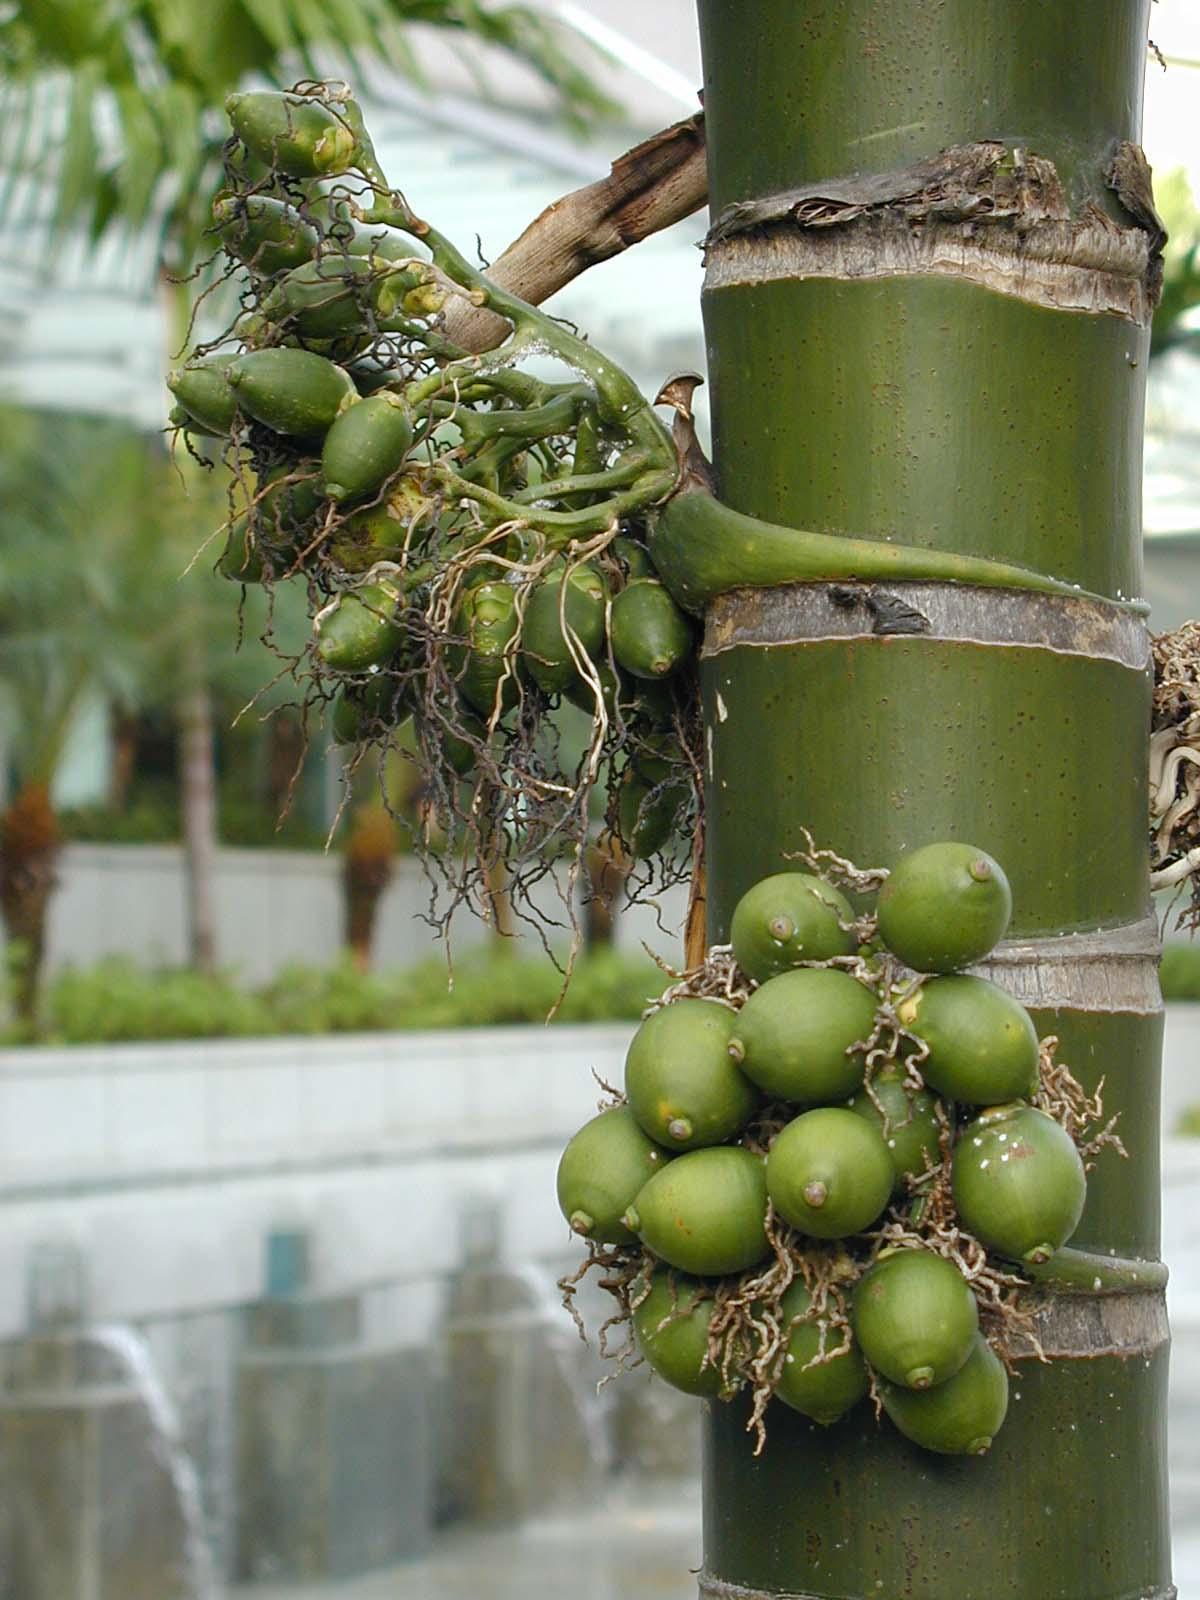 槟榔是什么有什么作用 槟榔有什么作用 经常吃槟榔有什么危害图片